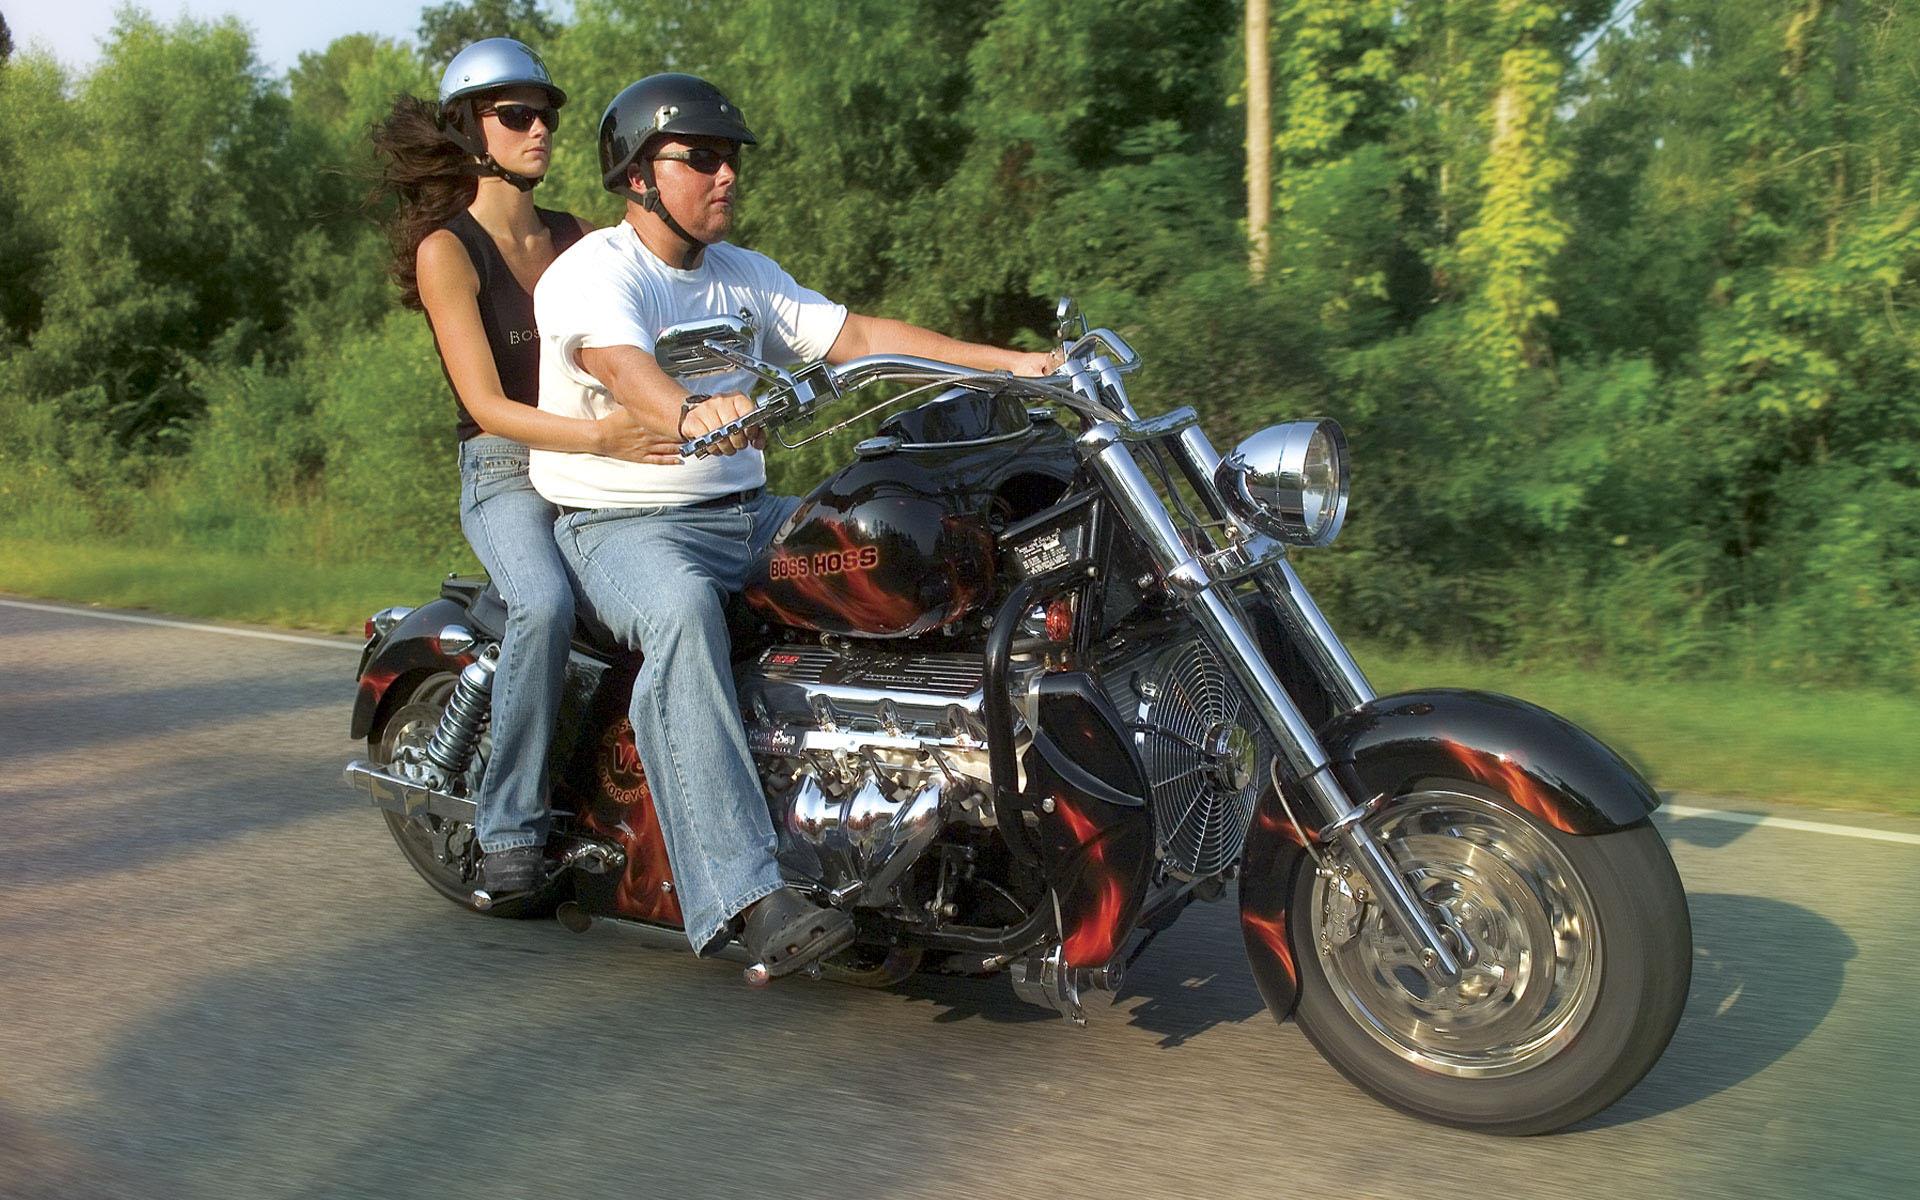 И девушка на мотоцикле обои фото